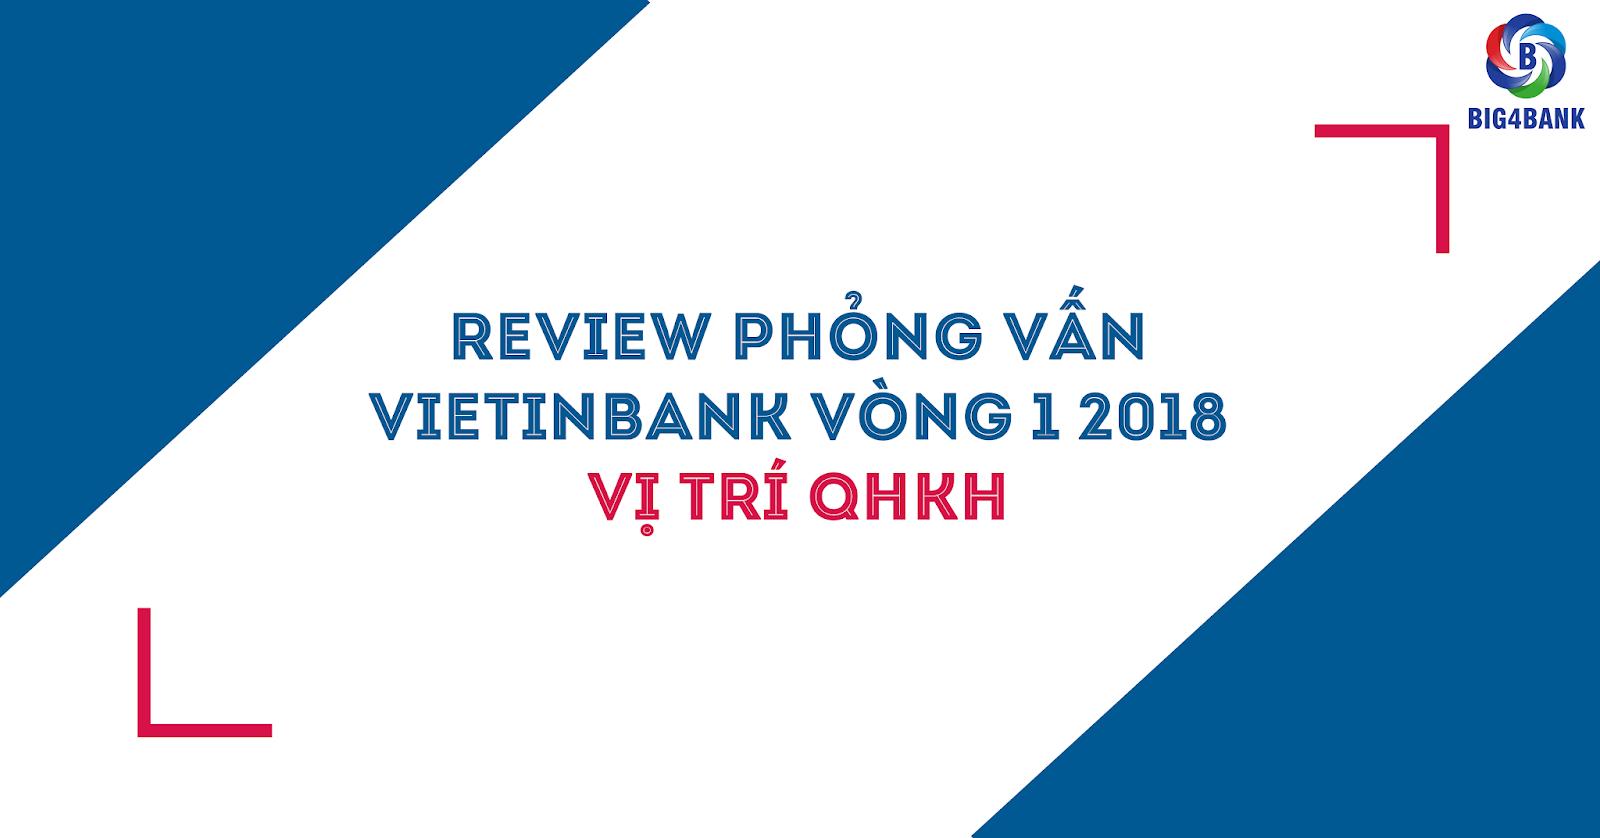 Review Phỏng Vấn Vietinbank Vòng 1- 2018 Vị Trí QHKH